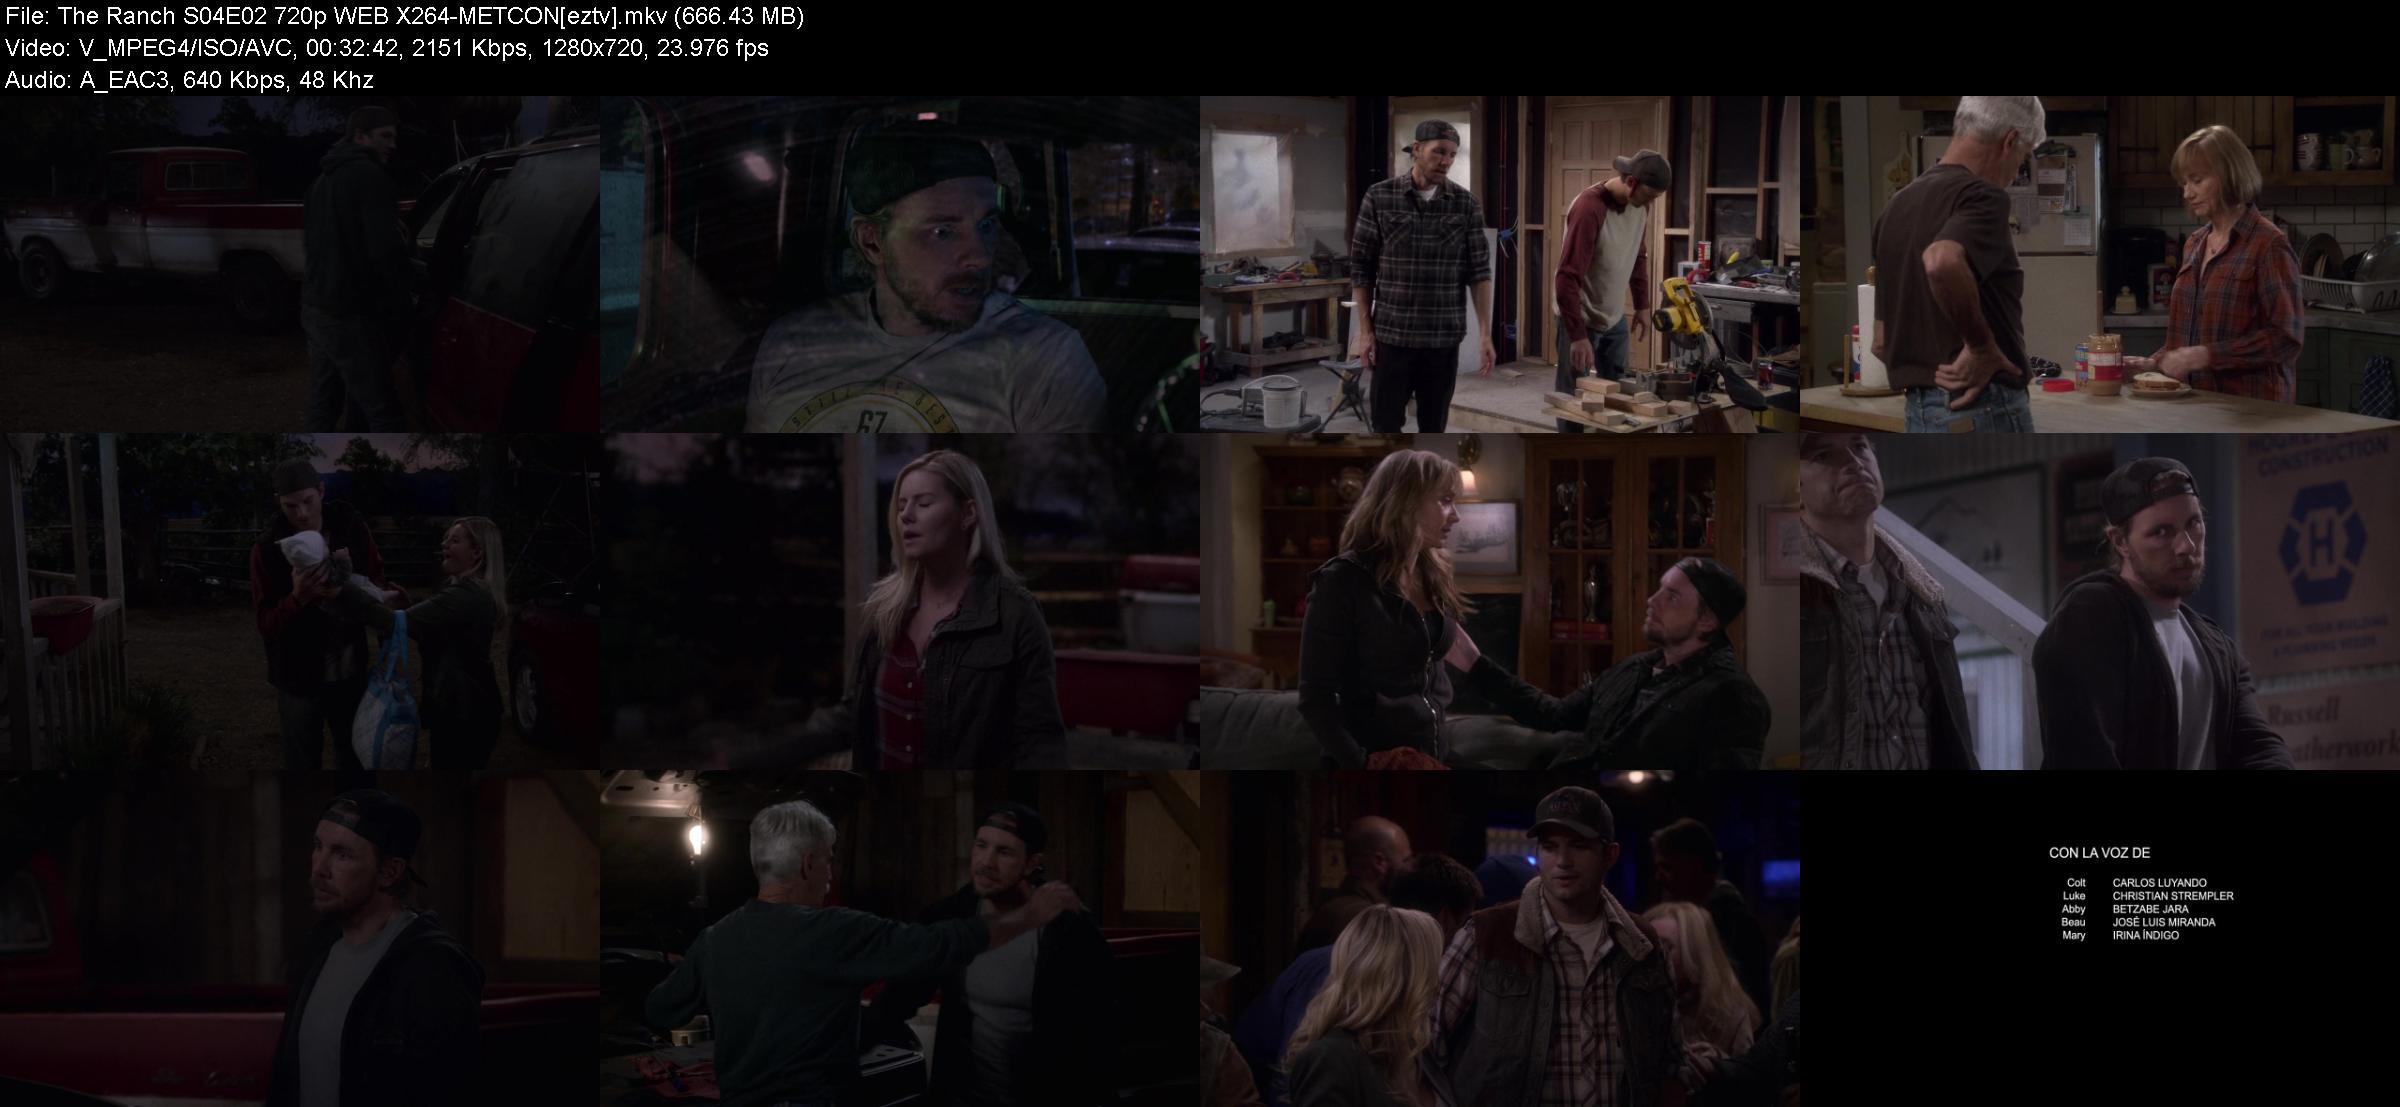 The Ranch S04E02 720p WEB X264-METCON